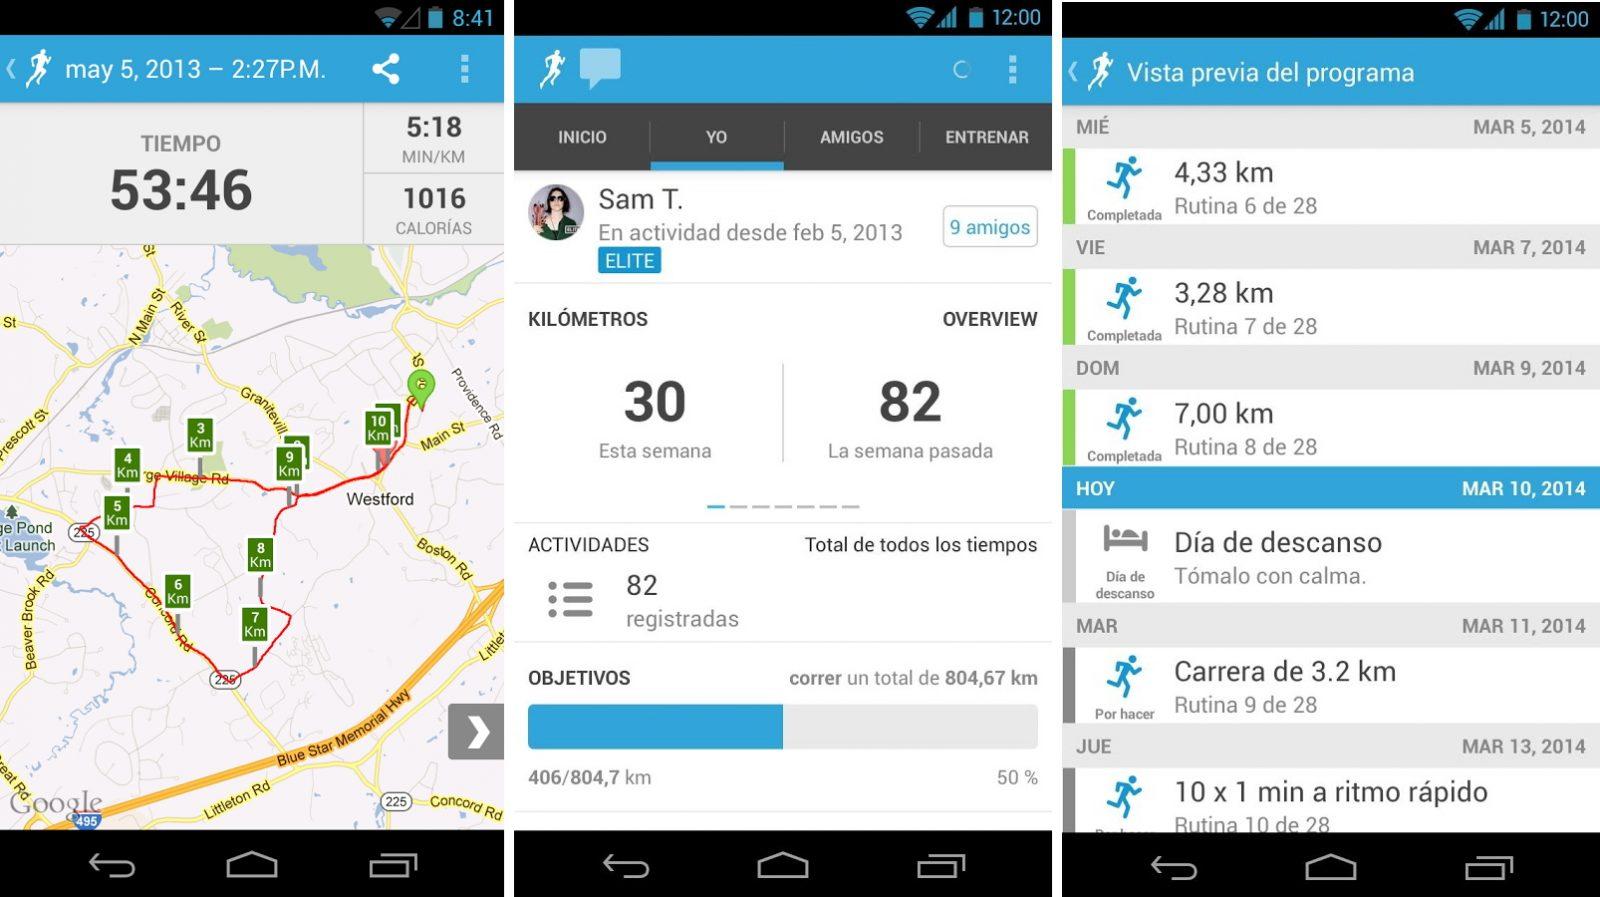 Aplicación de correr Android Runkeeper